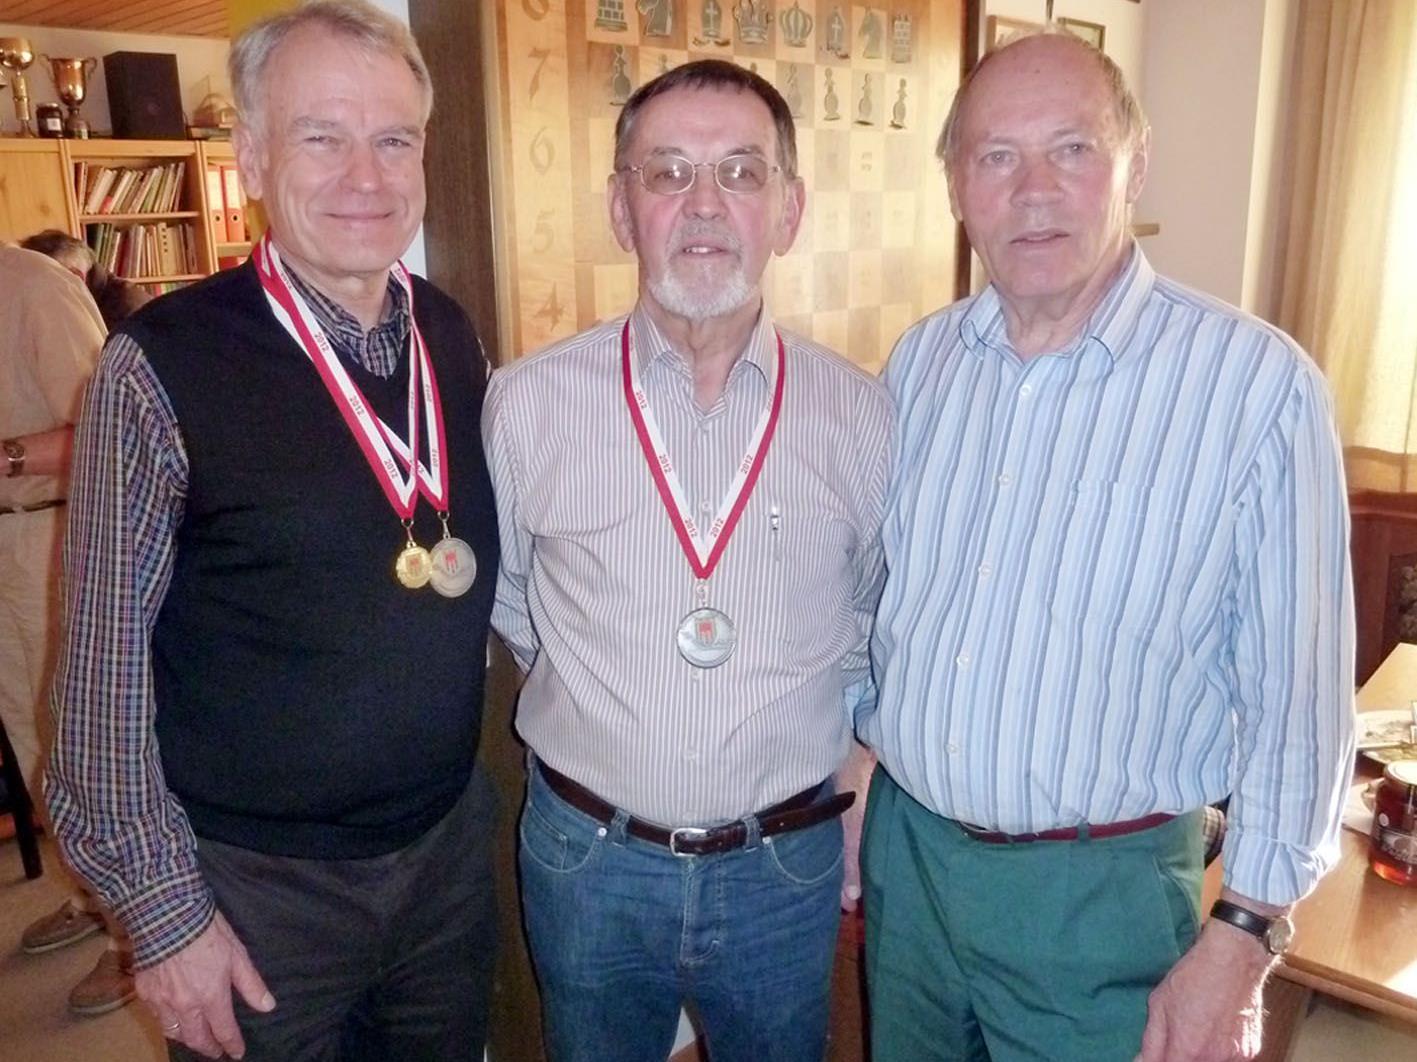 Günter Dellanoi, Albert Hämmerle und Isidor Riedl vom SK Höchst belegten Platz 2 in der Teamwertung.